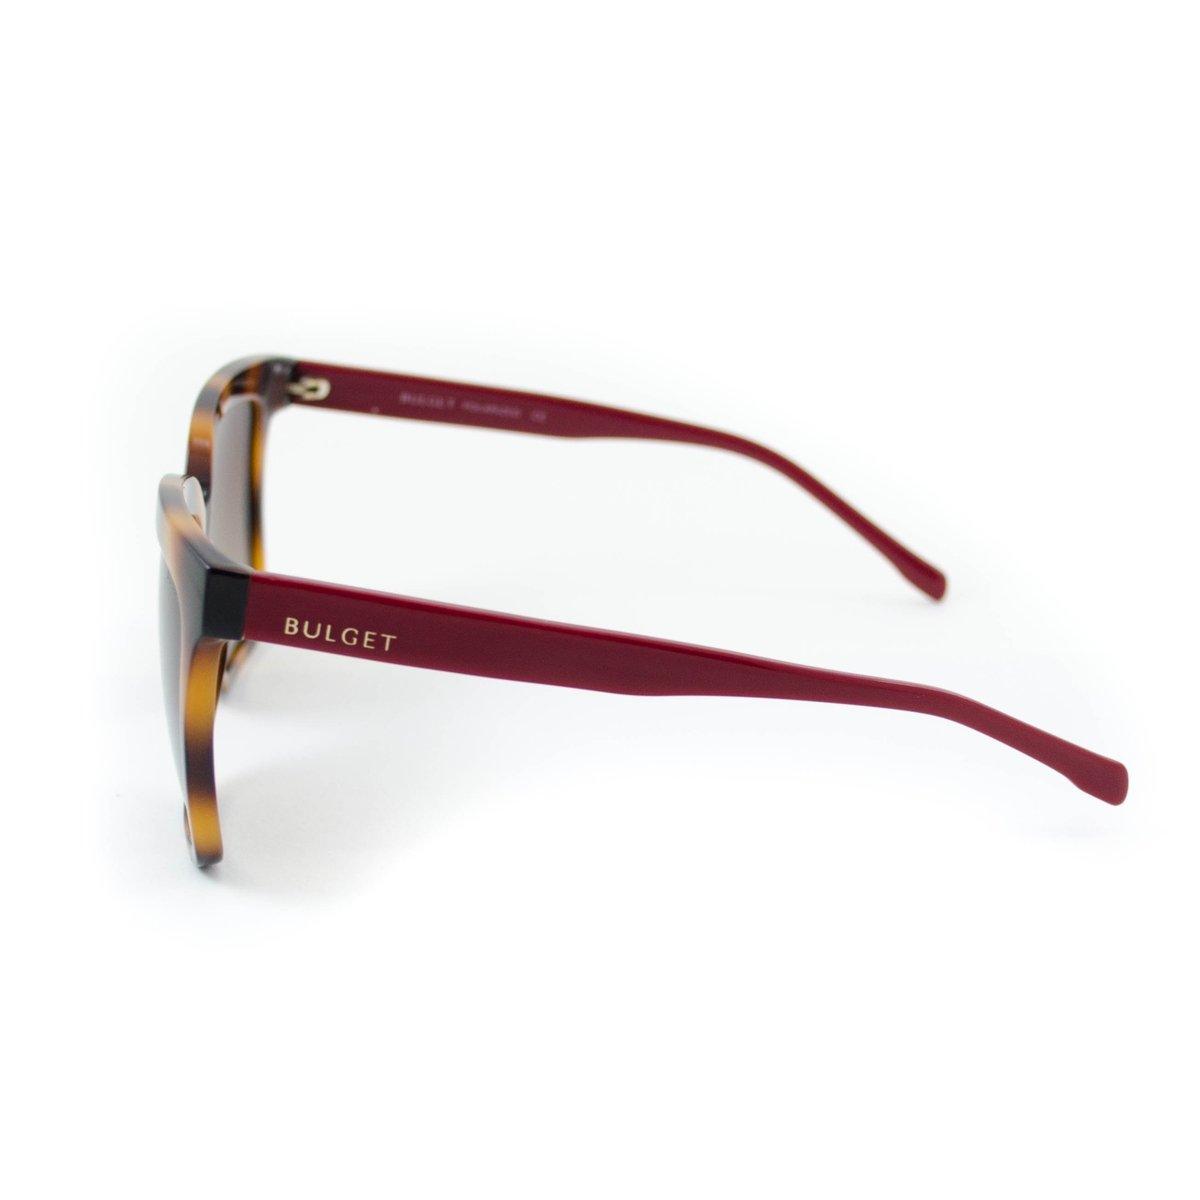 Óculos de Sol Bulget - Marrom e Vermelho - Compre Agora   Zattini 39b4f03f59